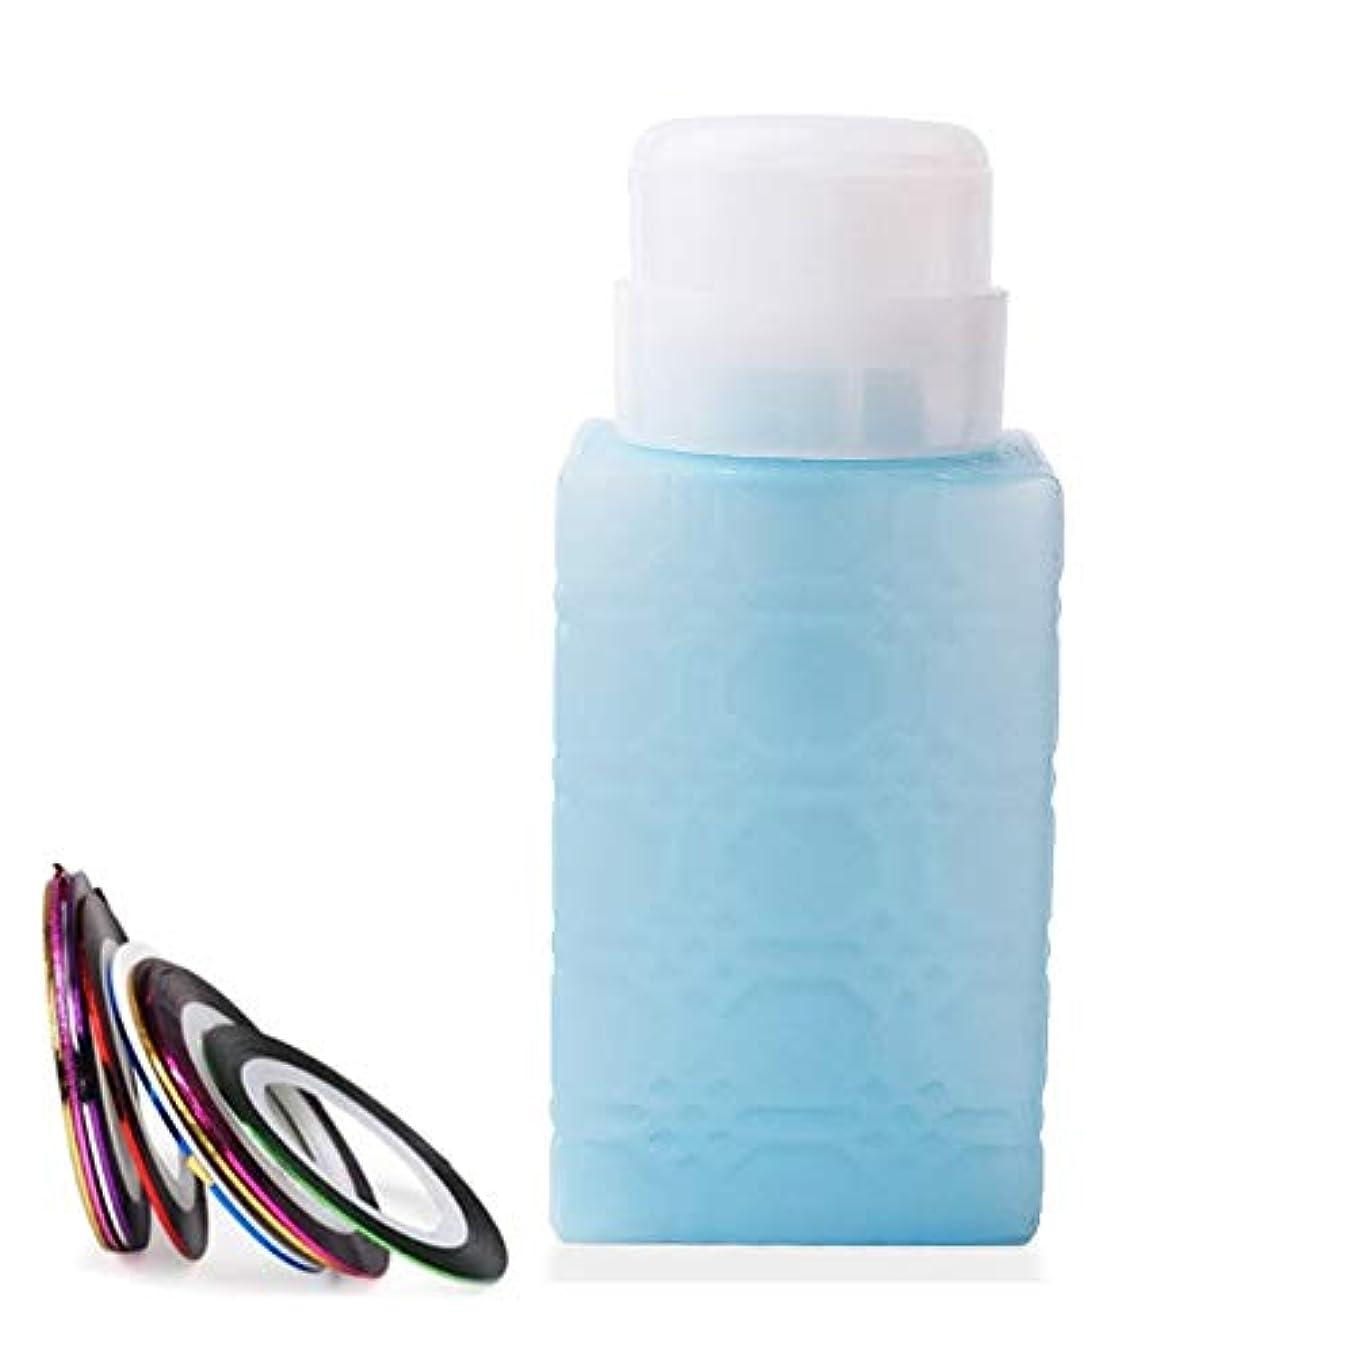 気晴らし不倫夢中空ポンプボトル ポンプディスペンサー ネイルワイプ瓶 ジュルクリーナー ジュルリムーバー 可愛い (ブルー)